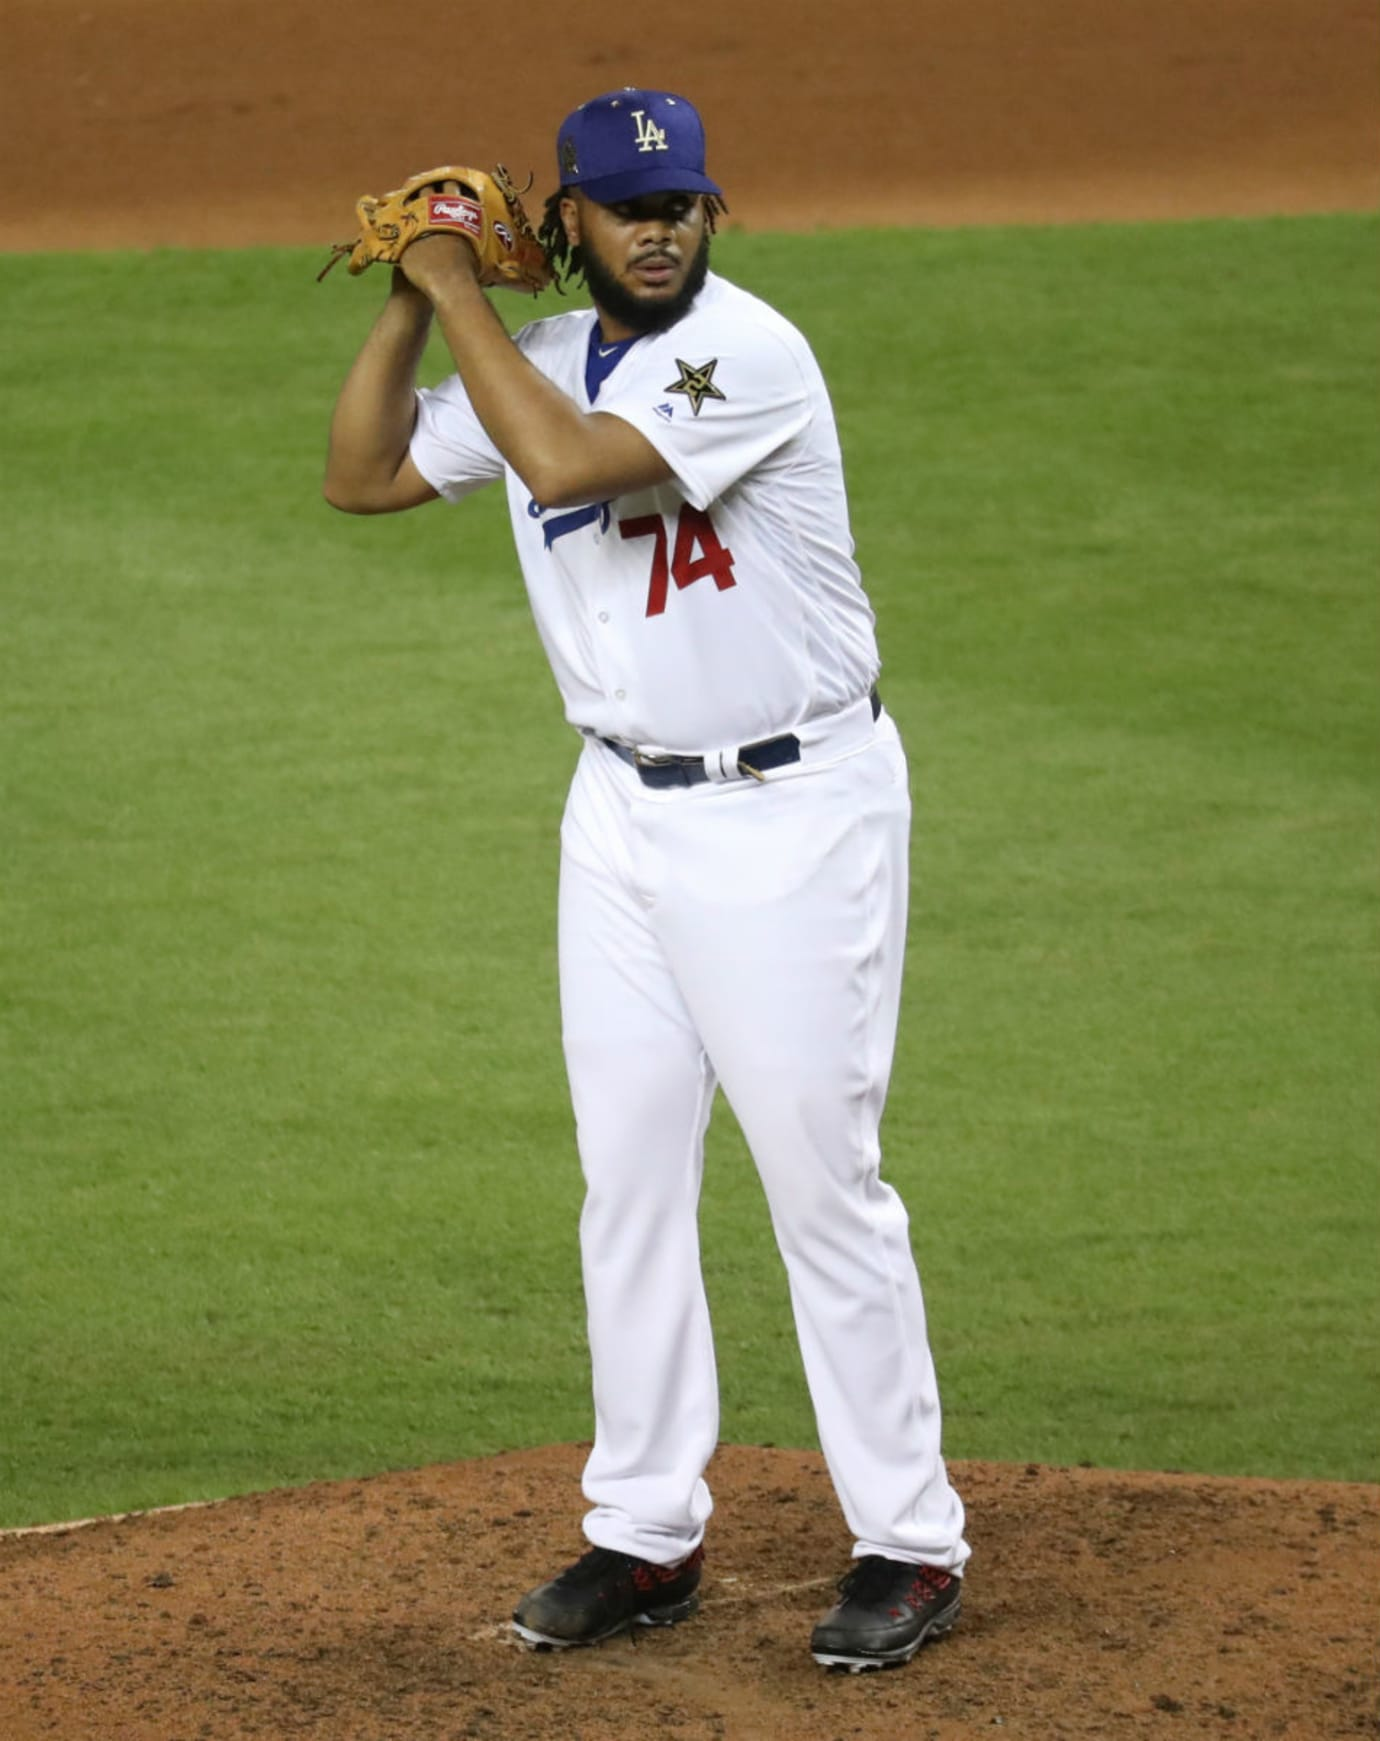 Kenley Jansen Air Jordan 9 Baseball All-Star Cleats